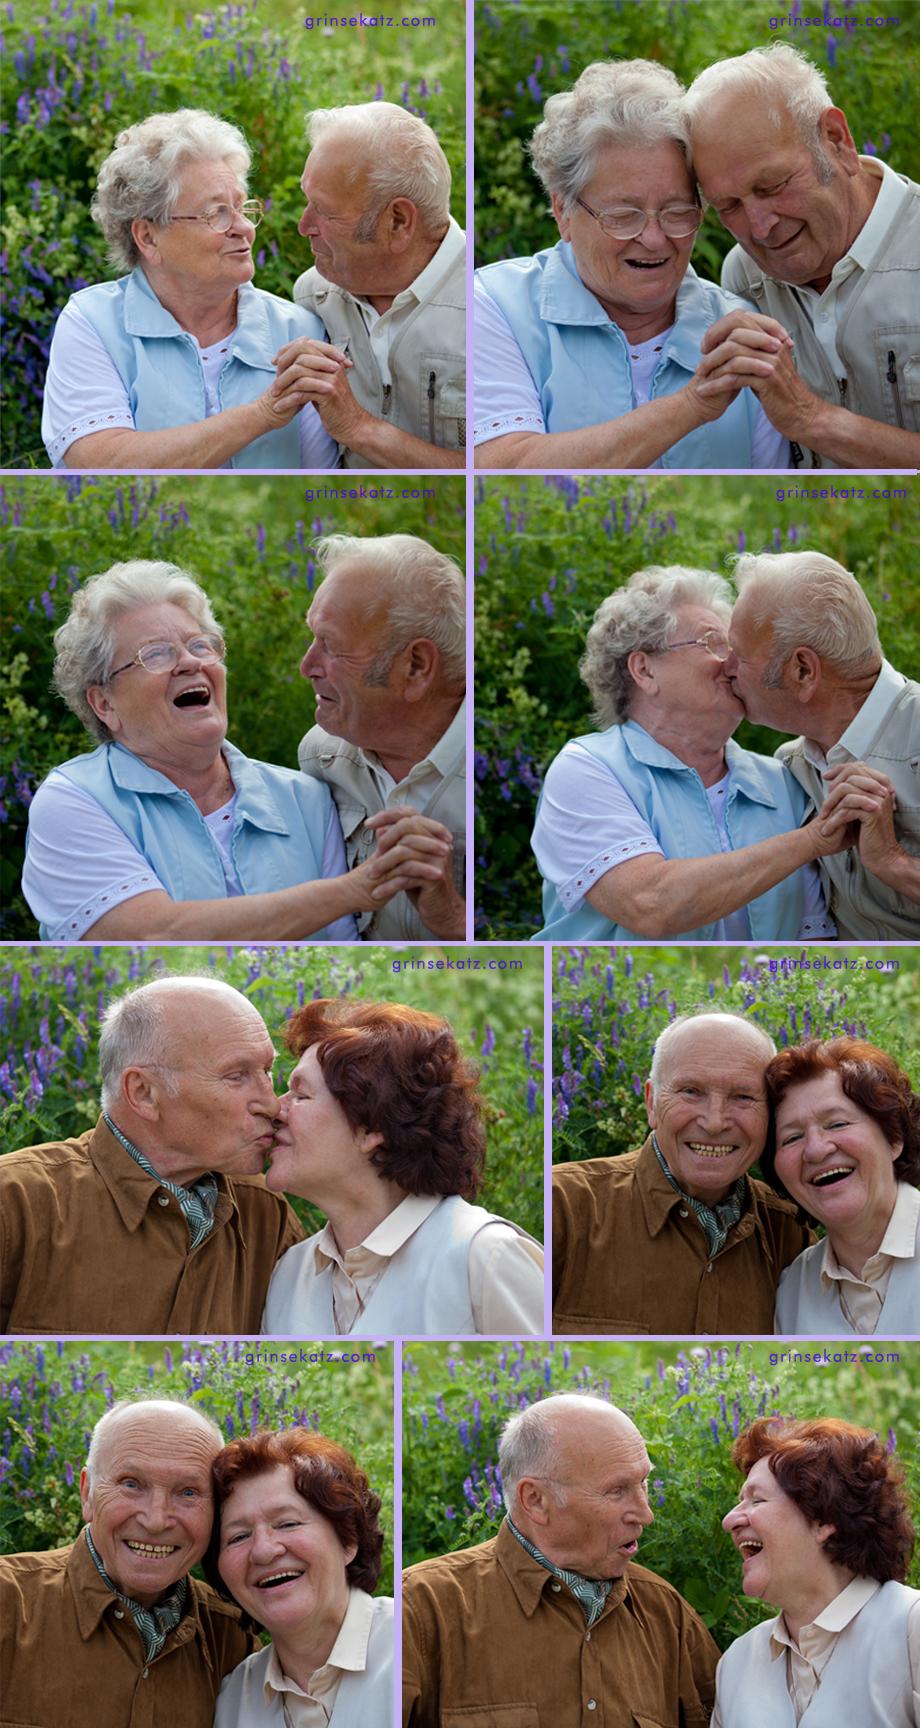 senioren-fotos-familienfotograf-uckermark-templin-grinsekatz